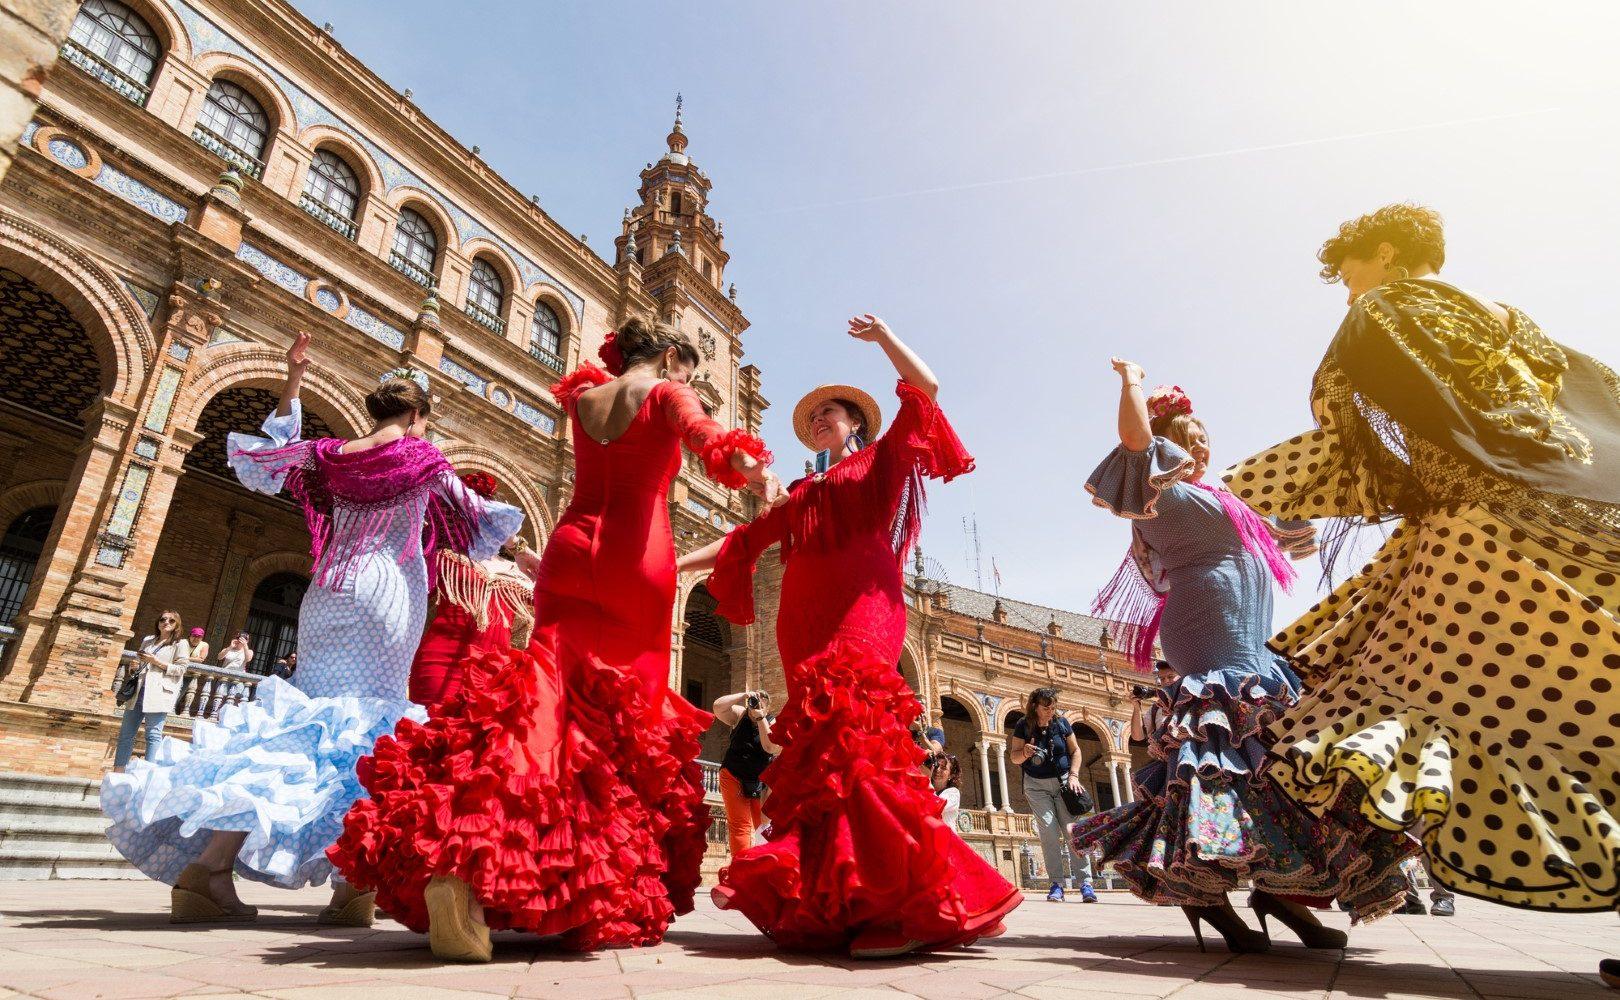 Foto de mujeres bailando Sevillanas en la Plaza de España de la ciudad de Sevilla